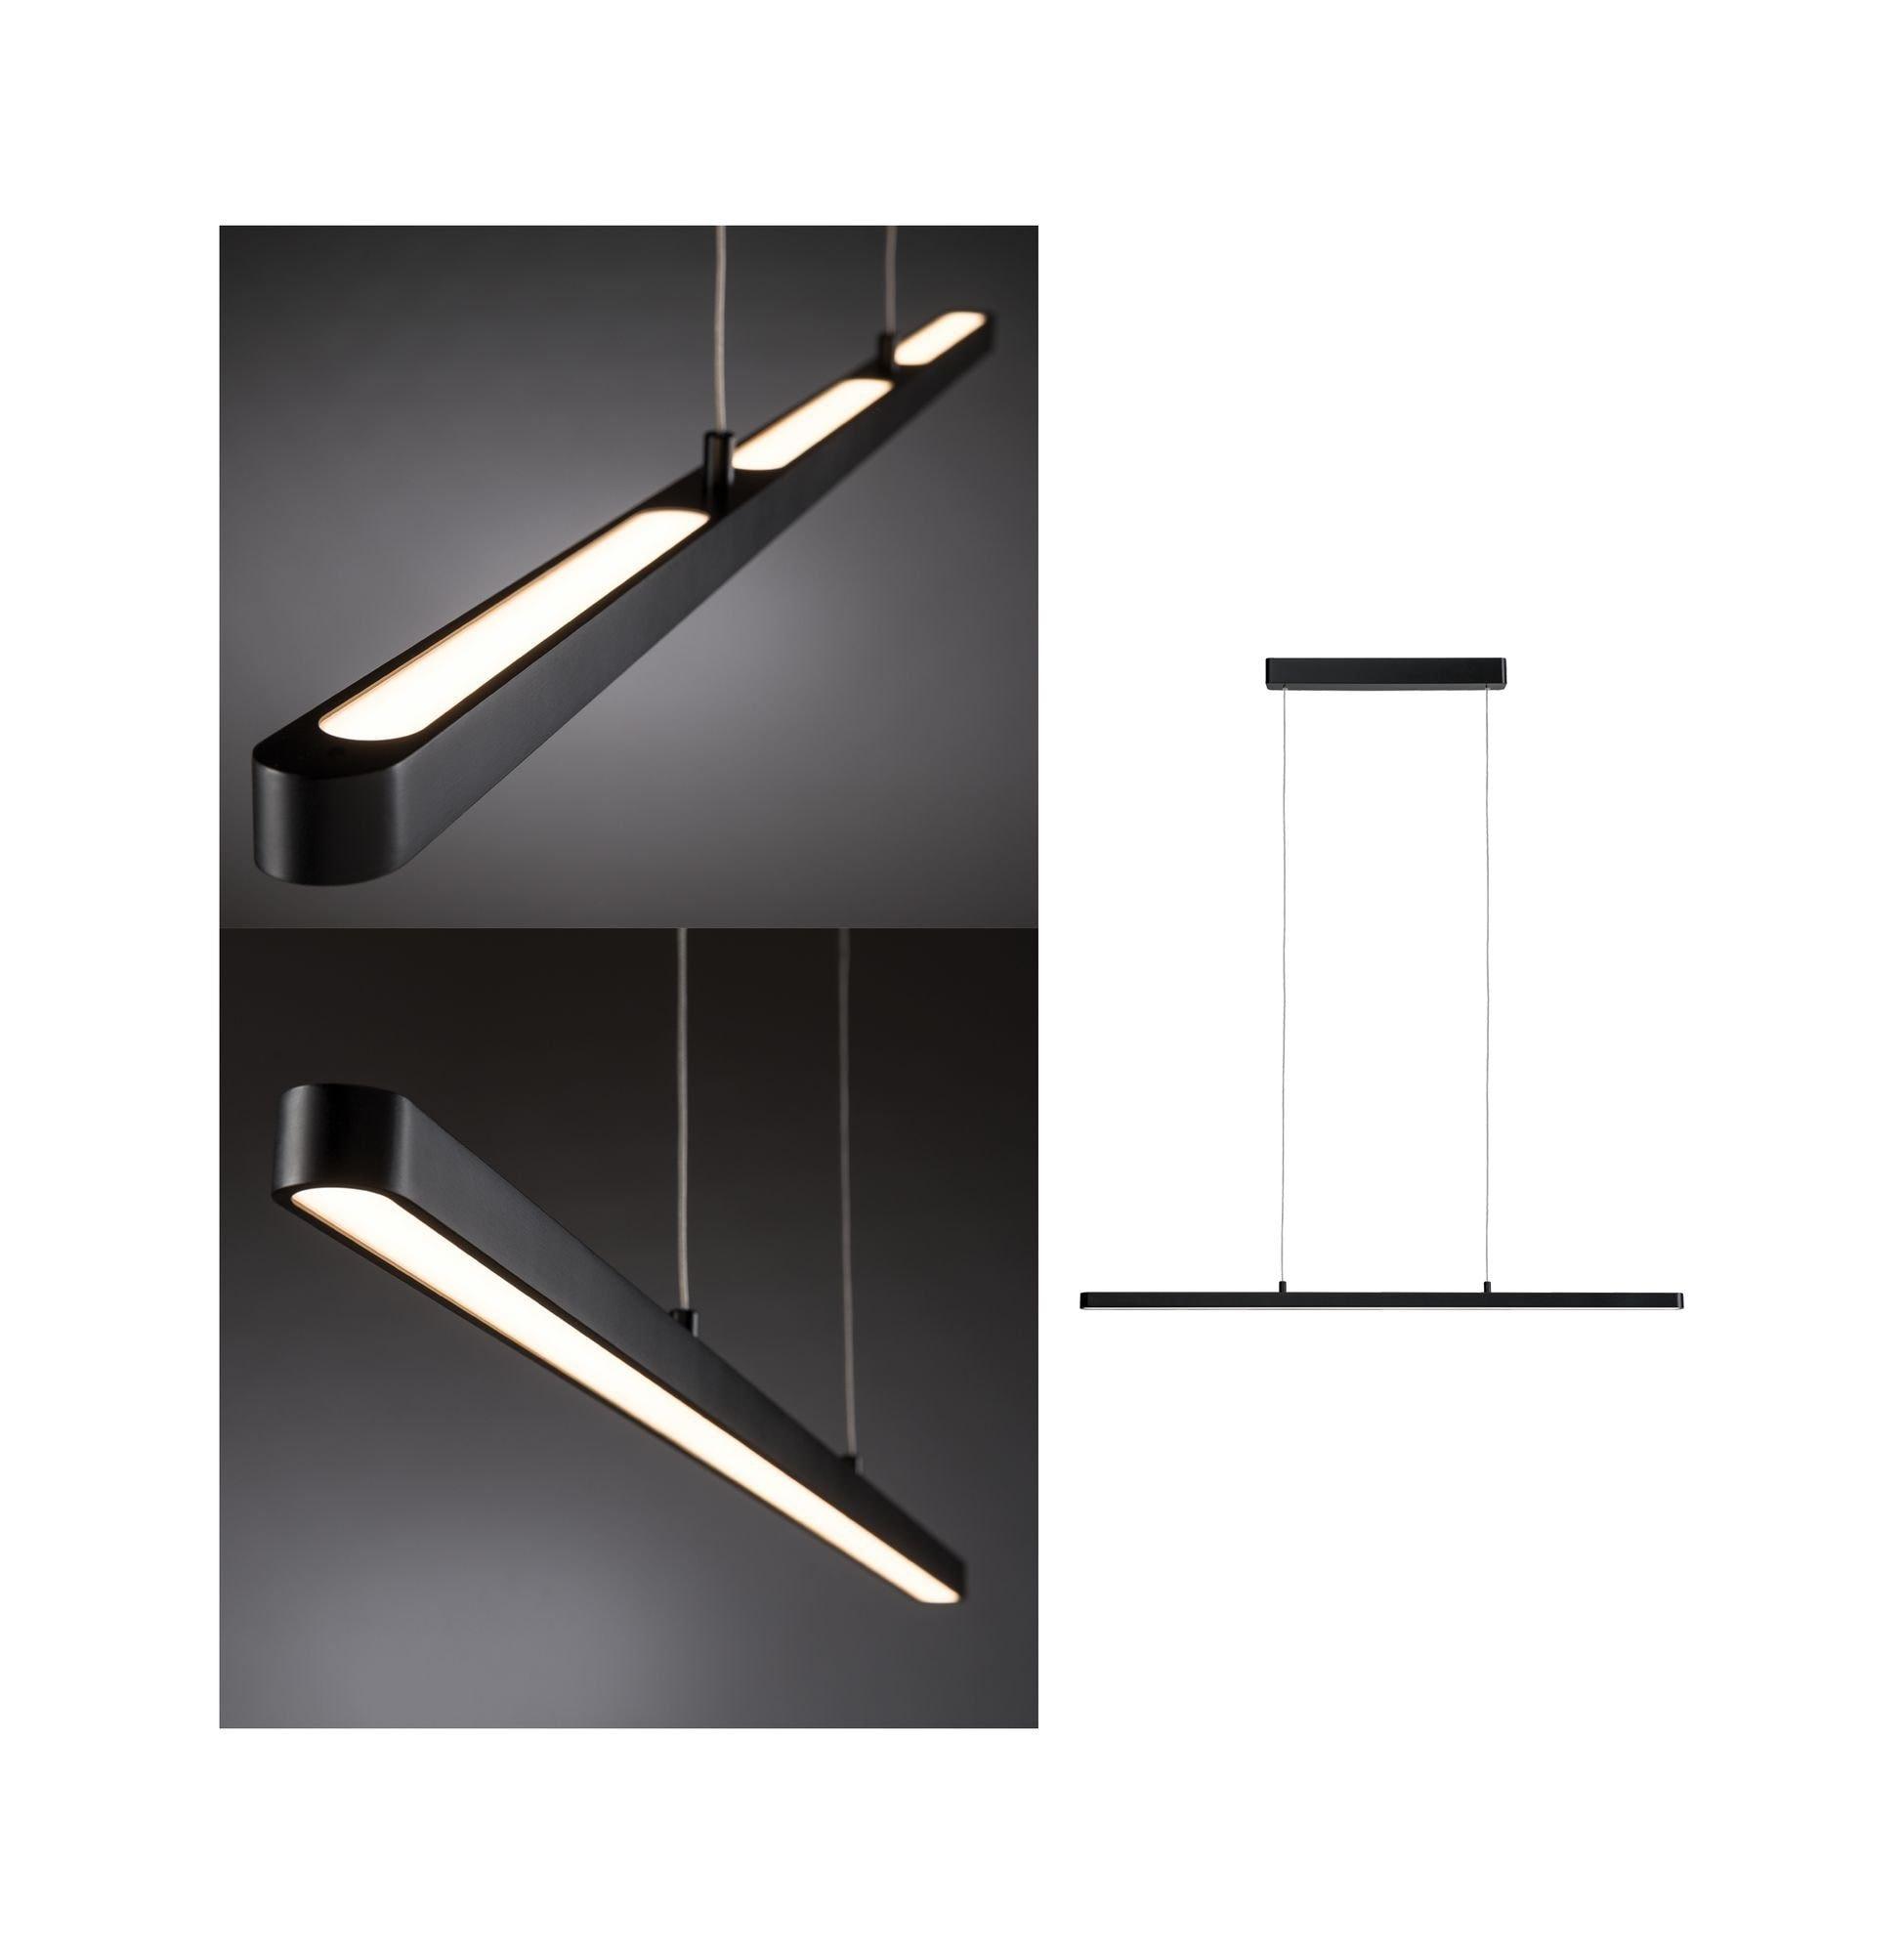 Paulmann LED Pendelleuchte Lento 42W Schwarz dimmbar höhenverstellbar, 1 St., Warmweiß